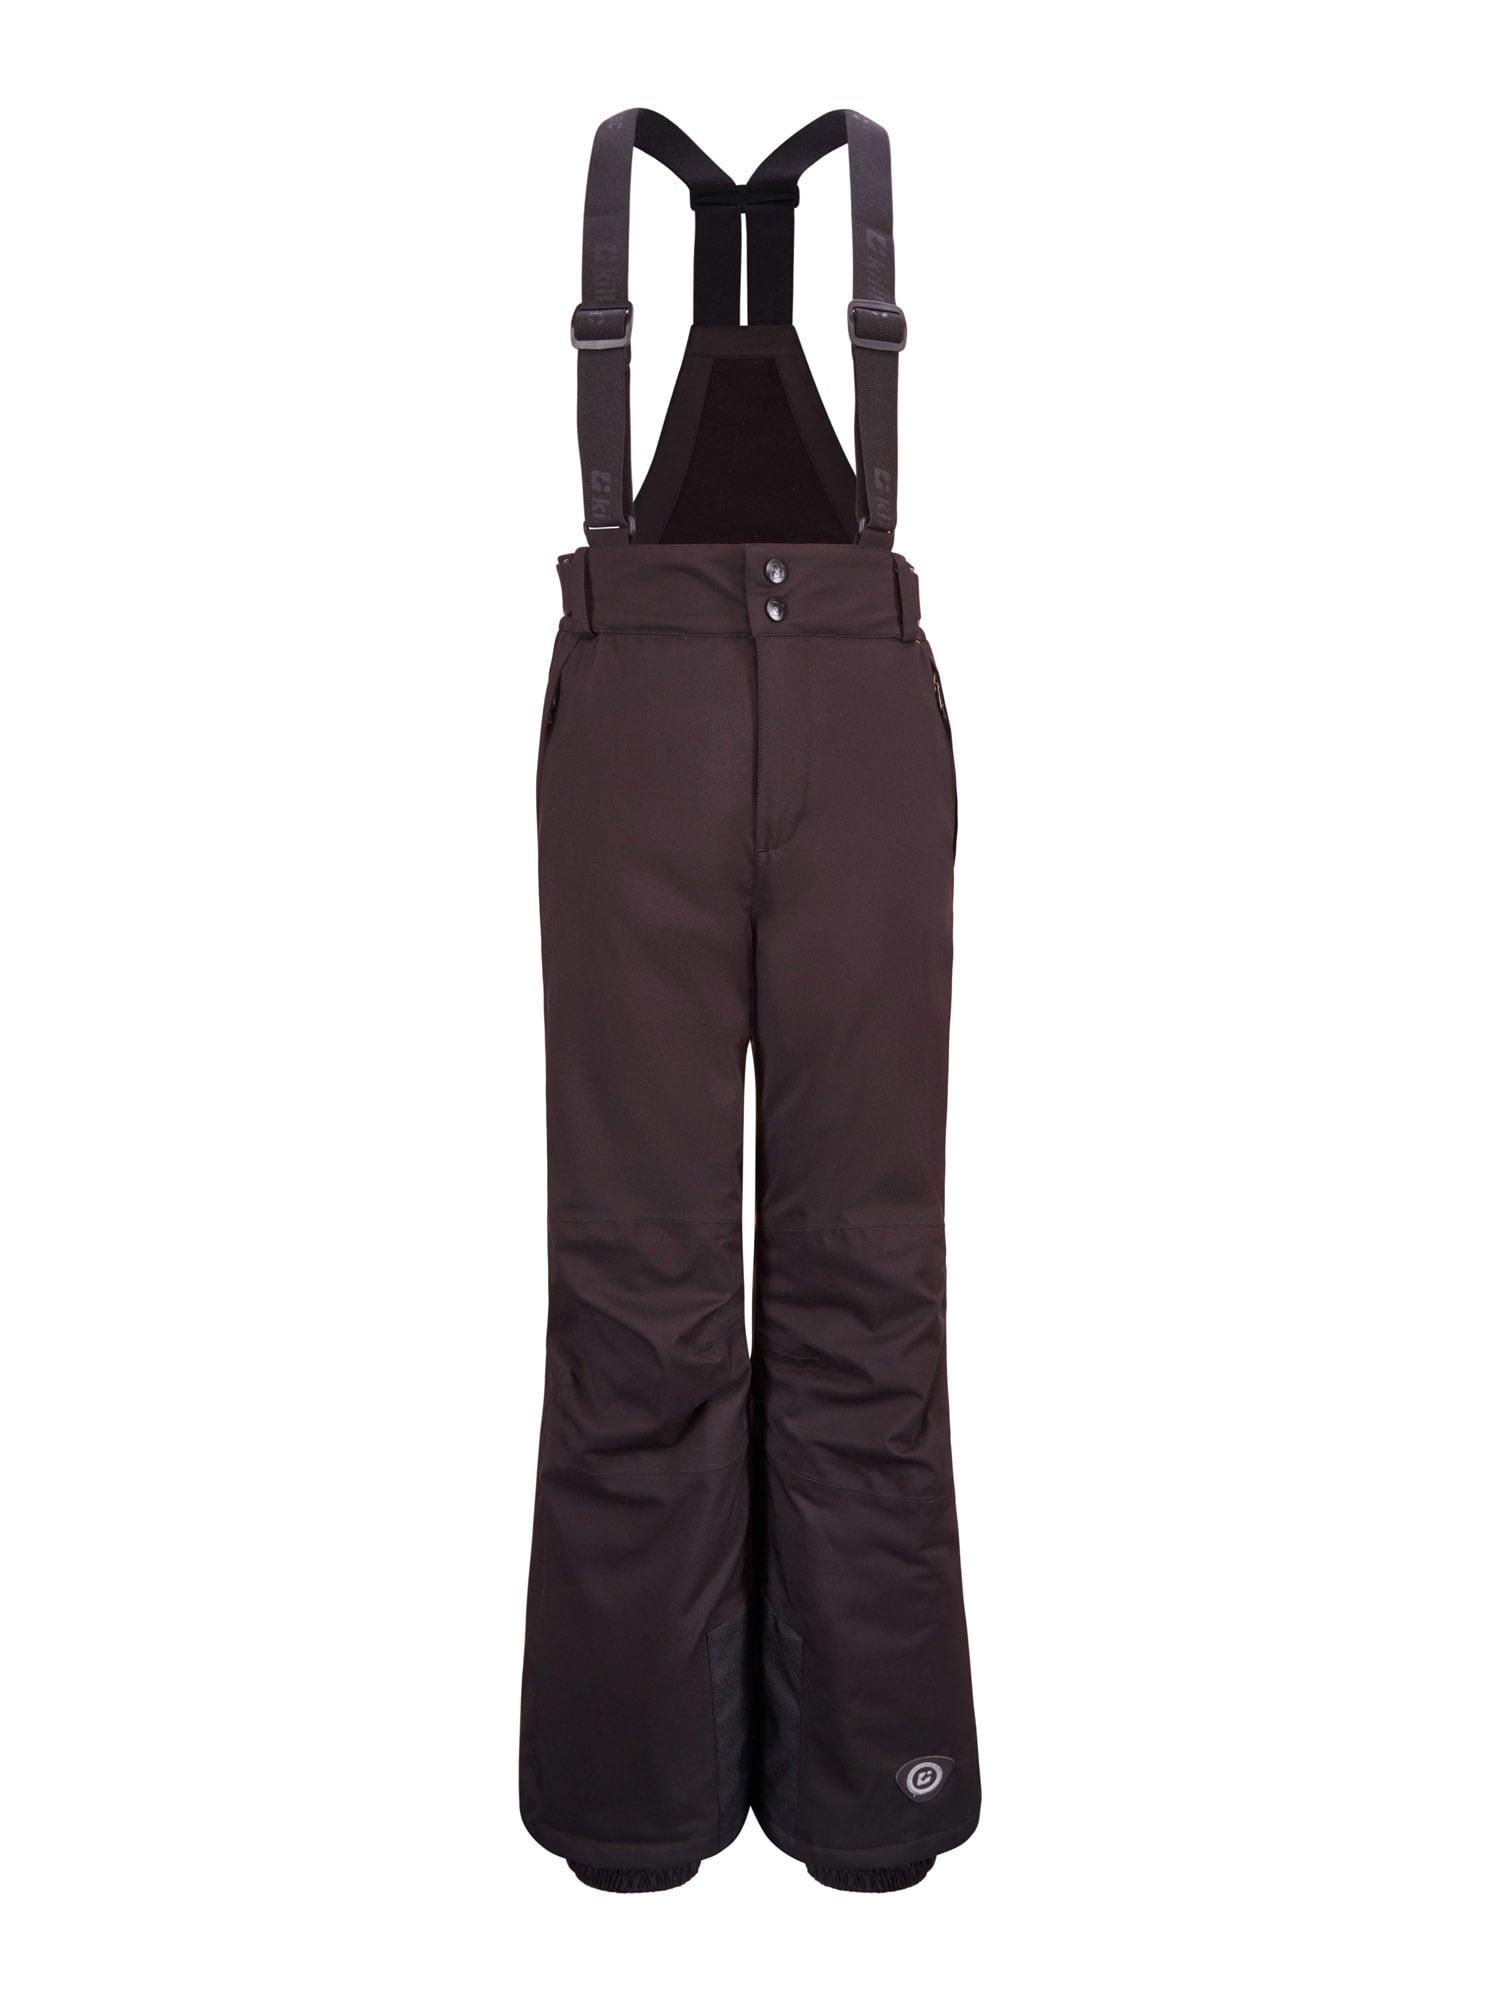 KILLTEC Pantalon de sport 'Gauror'  - Noir - Taille: 140 - boy